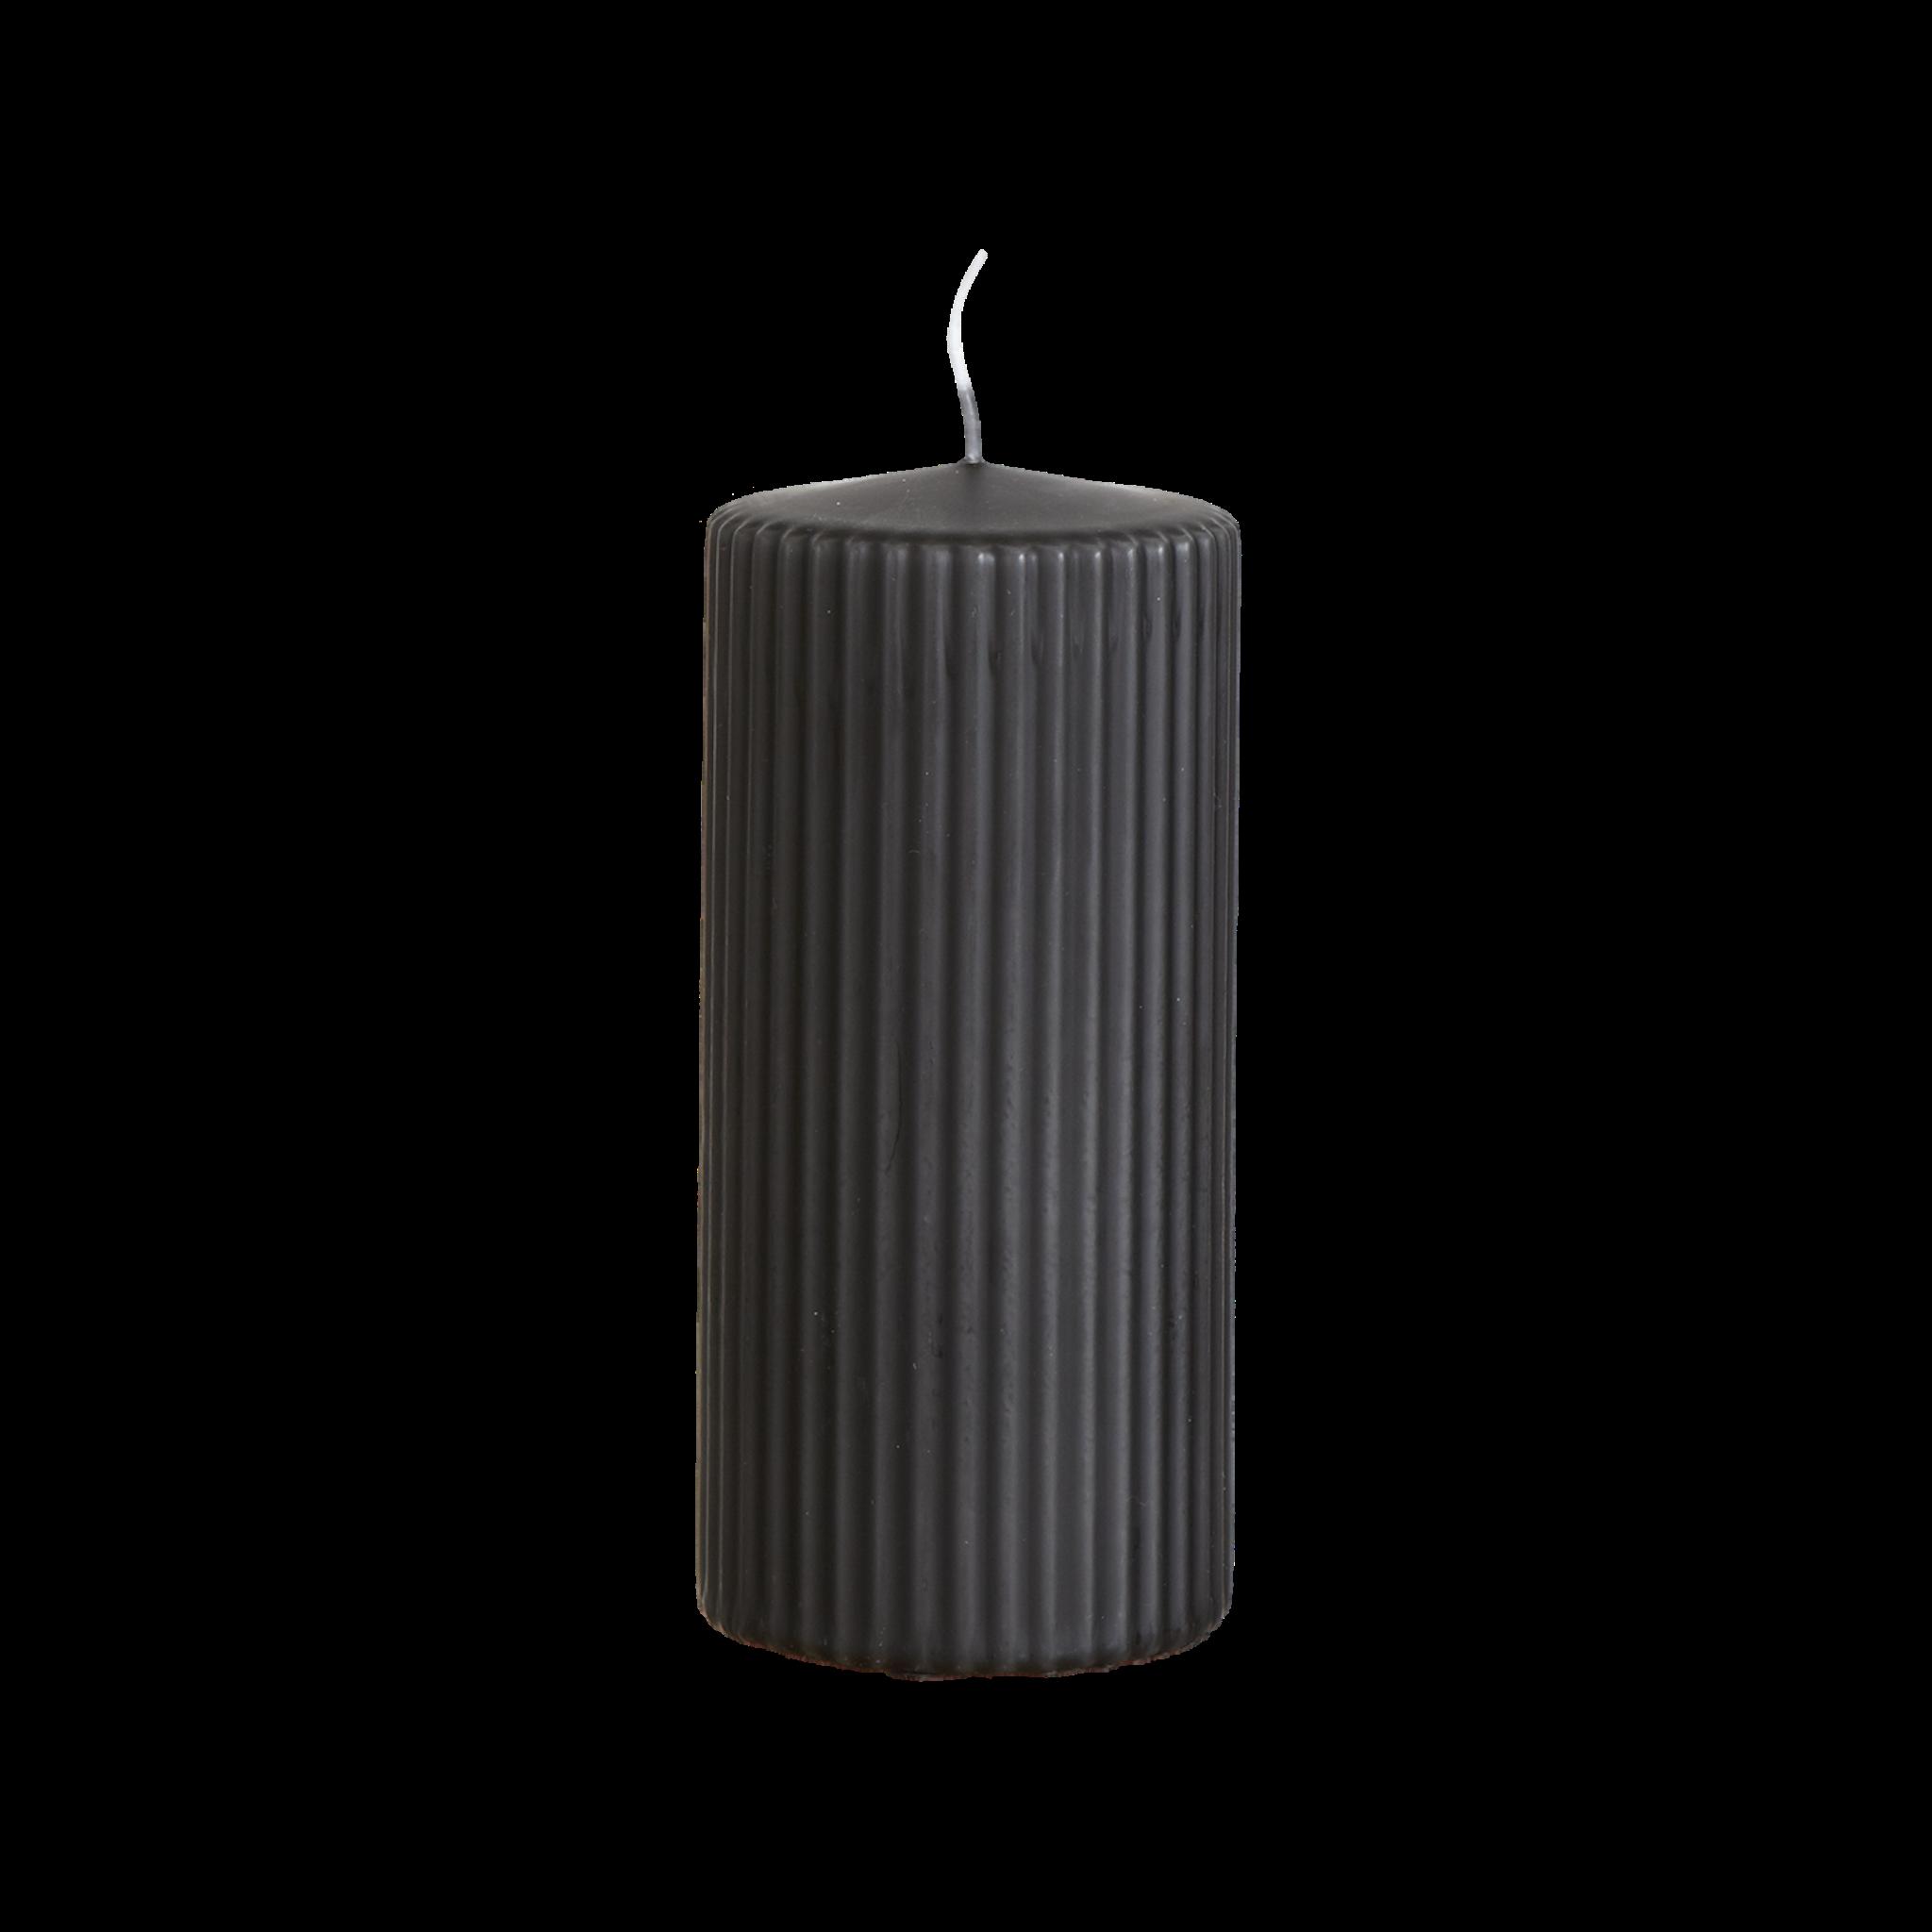 Blockljus Rill 15cm - kolgrå